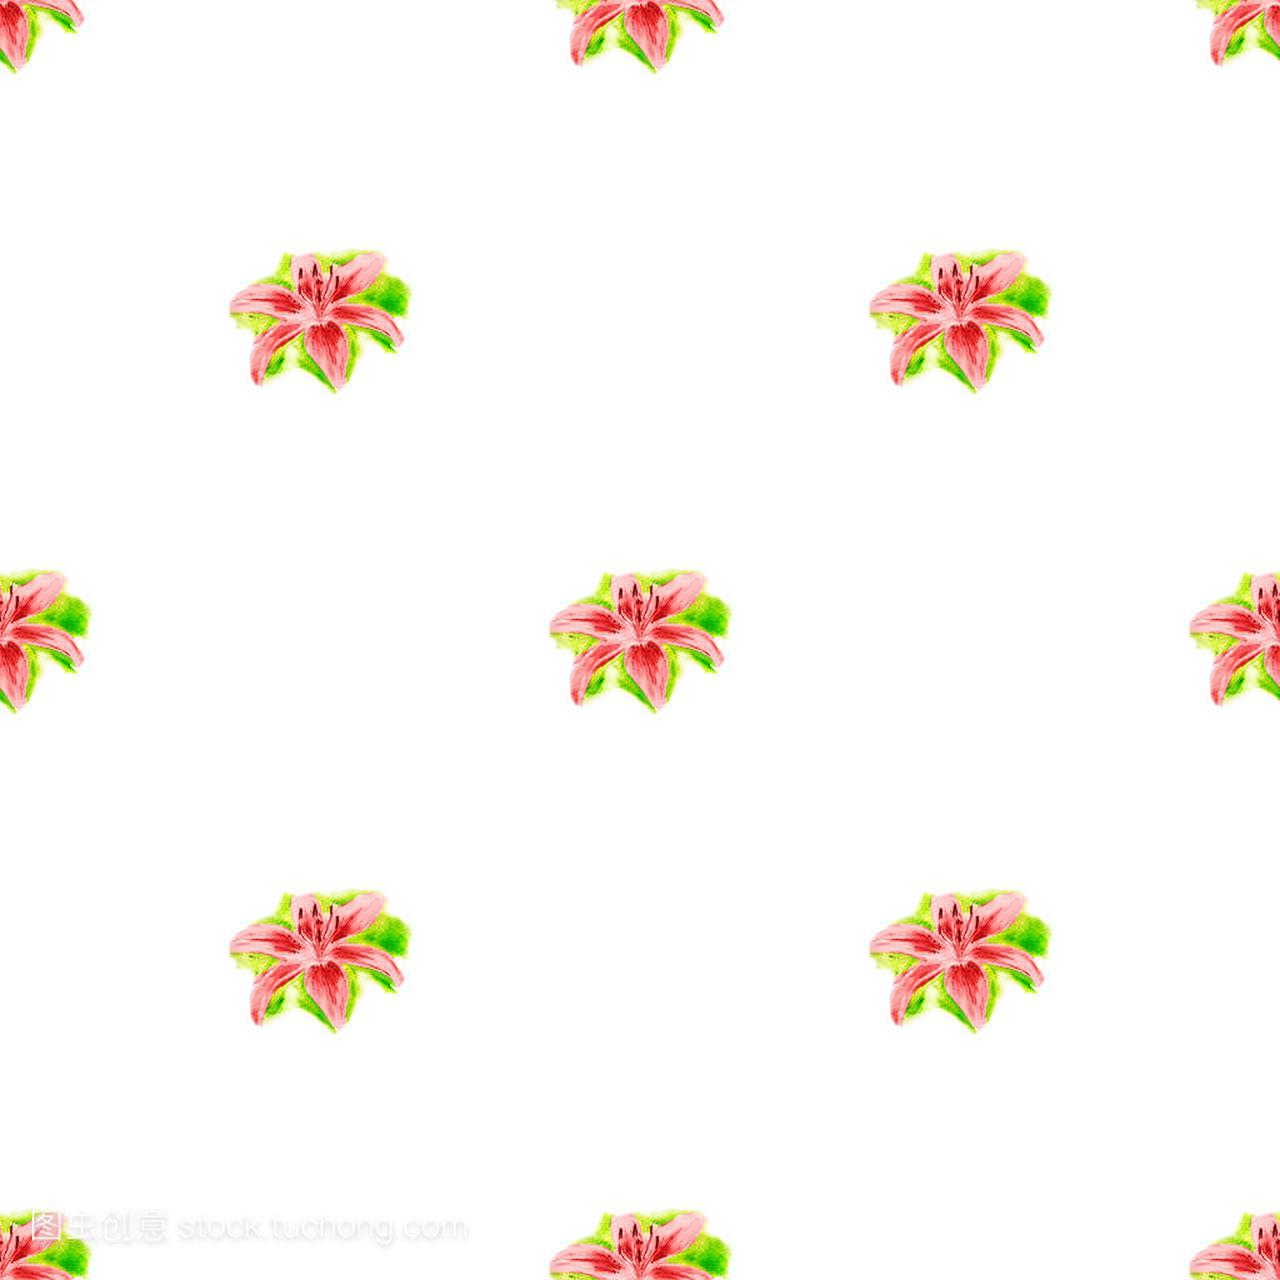 模式无缝与黄莉莉轧皱v模式图片